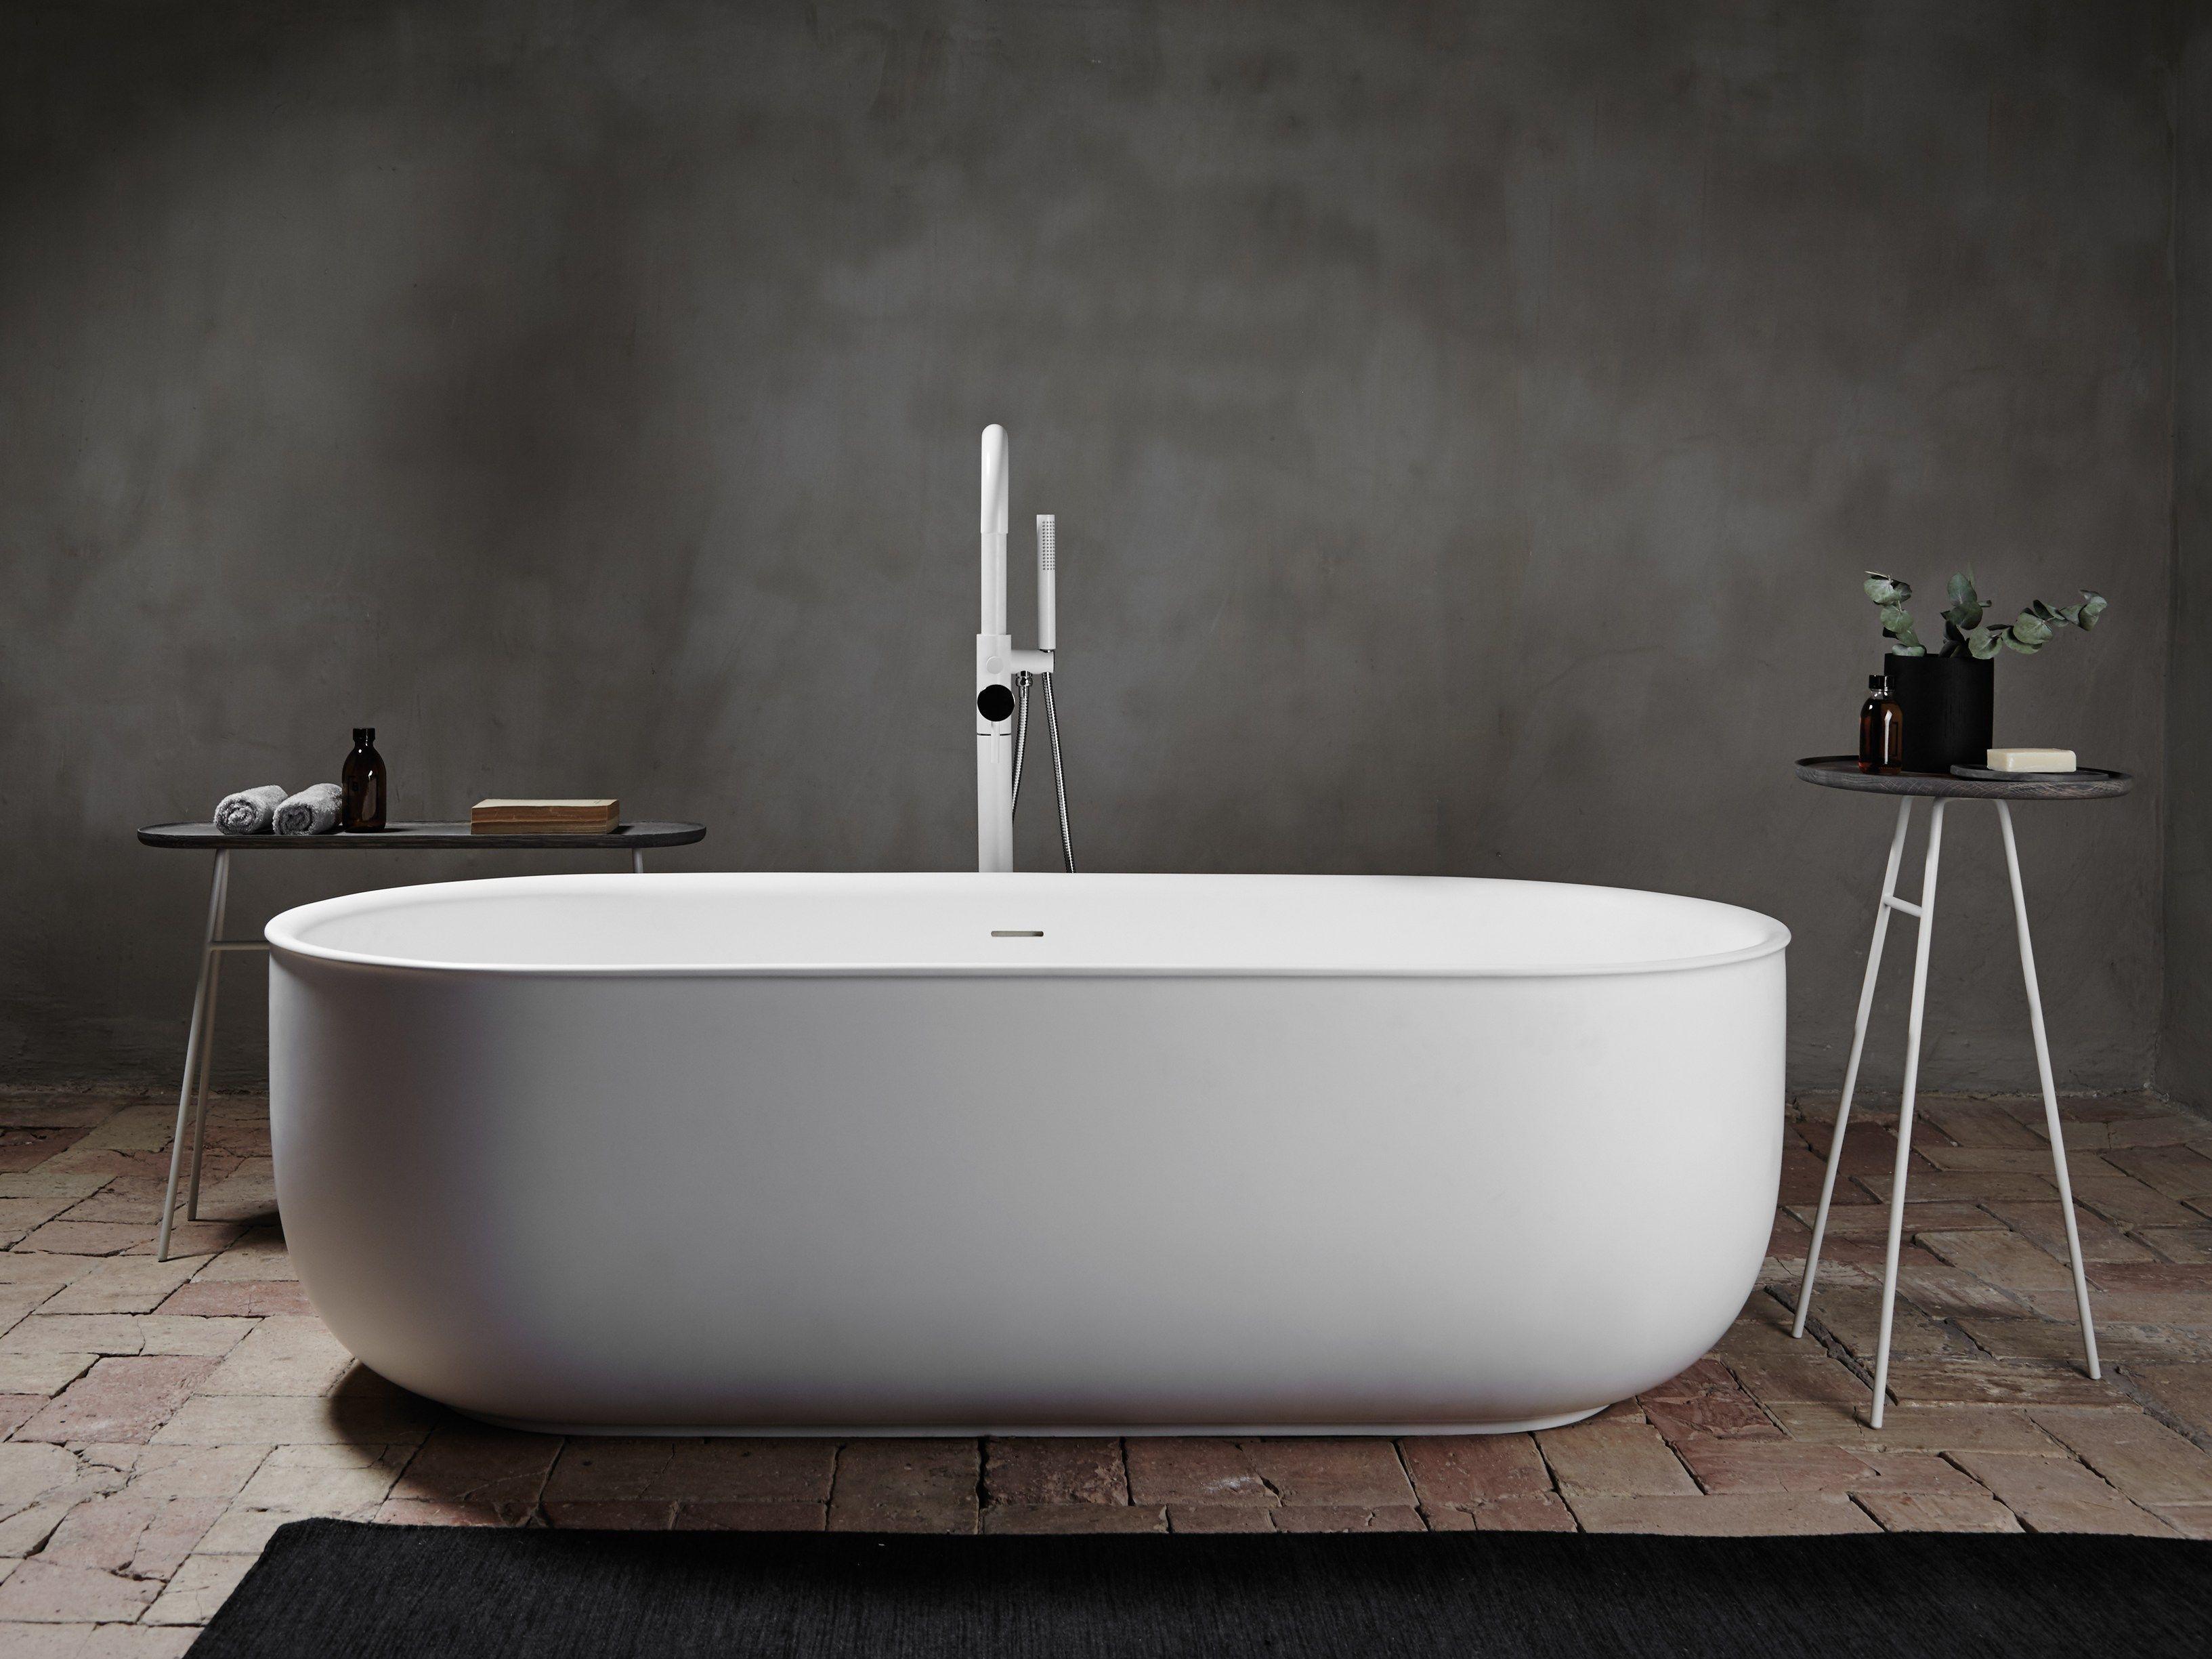 Vasca Da Bagno Centro Stanza : Vasche da bagno freestanding foto design mag